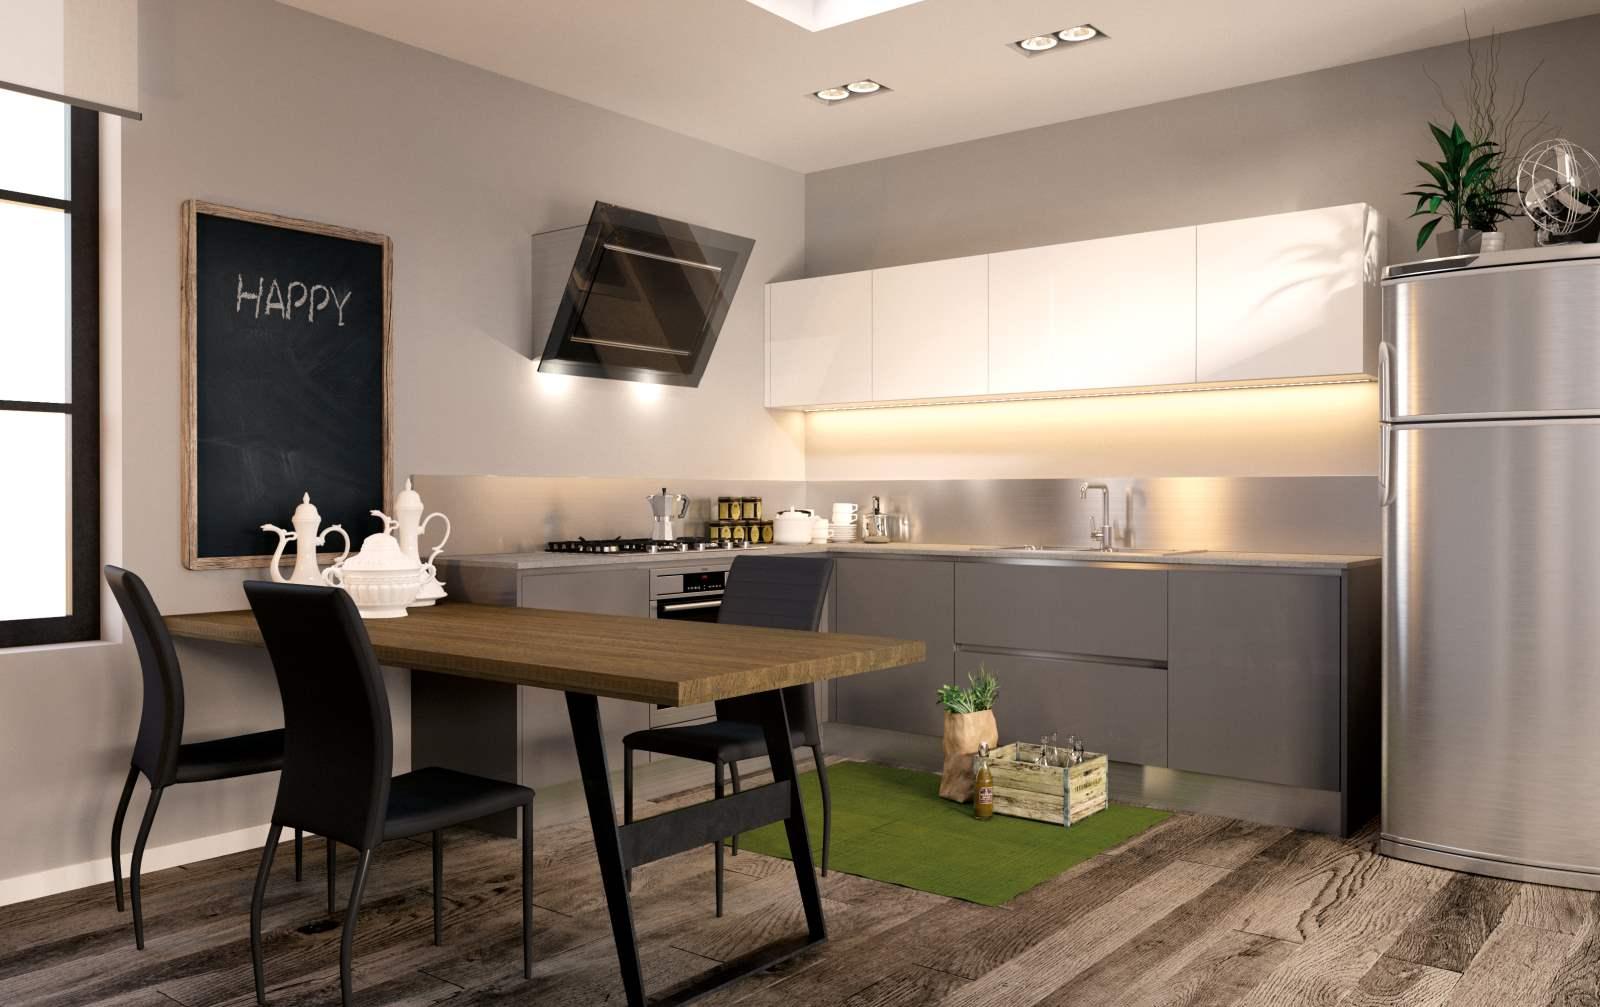 cucina_sistematica_home_decor_set_3